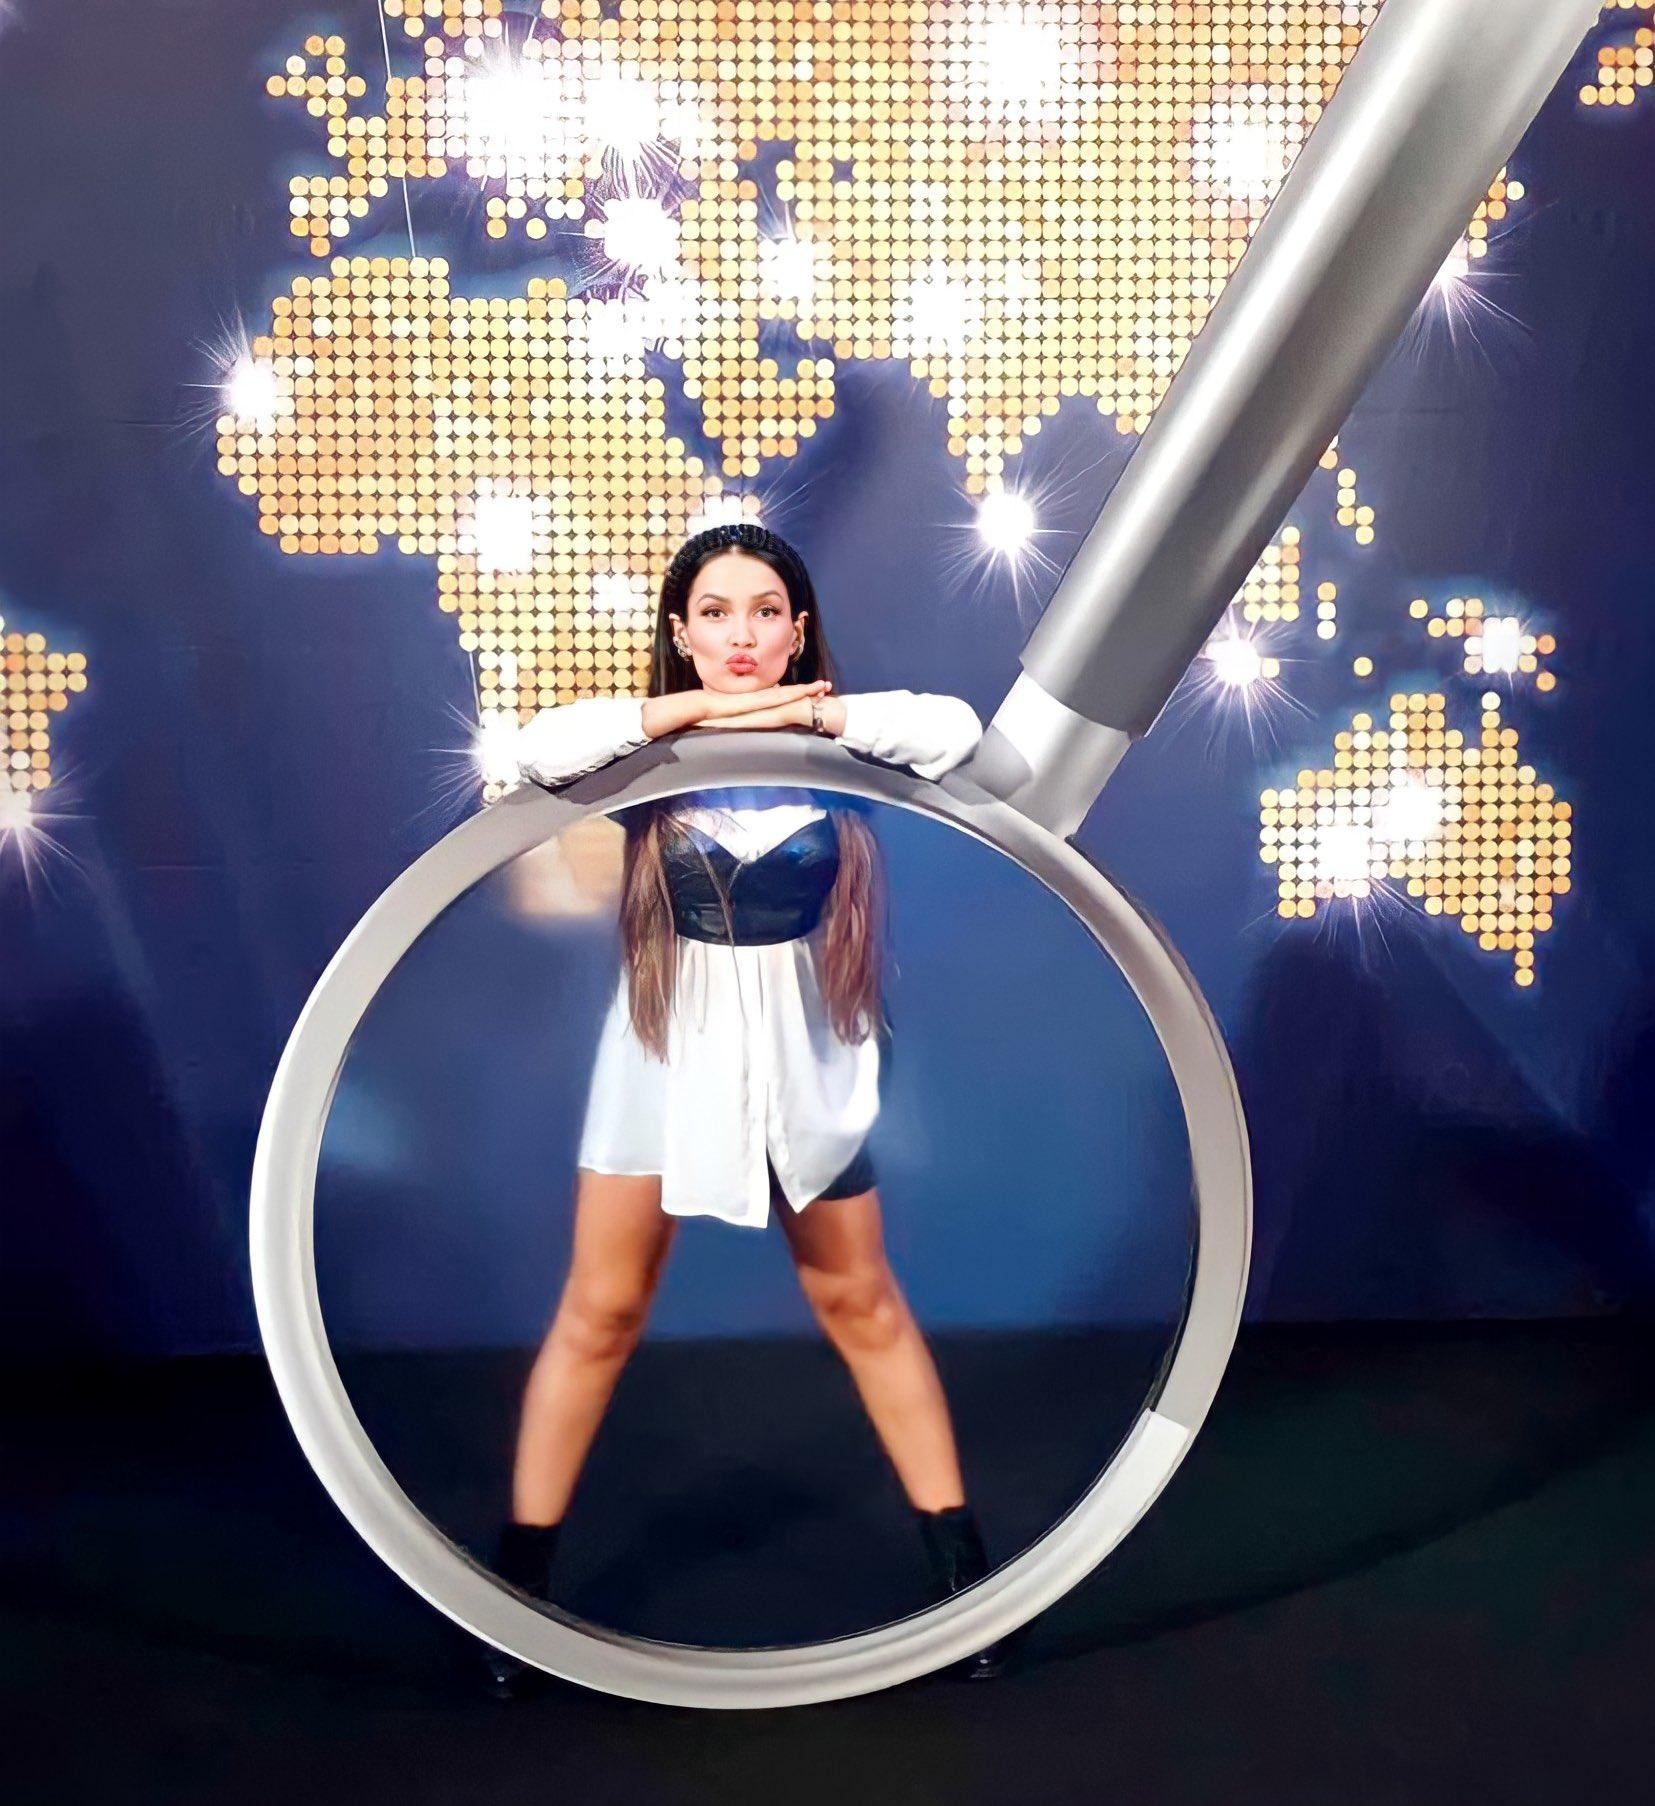 Juliette Freire em festa do Big Brother Brasil 21. Ela está usando camisa branca, corset preto, bermuda ciclista preta e coturno preto, além de tiara preta brilhante. Ela com os dois braços apoiados em uma luneta gigante, enquanto faz careta de bico com a boca.